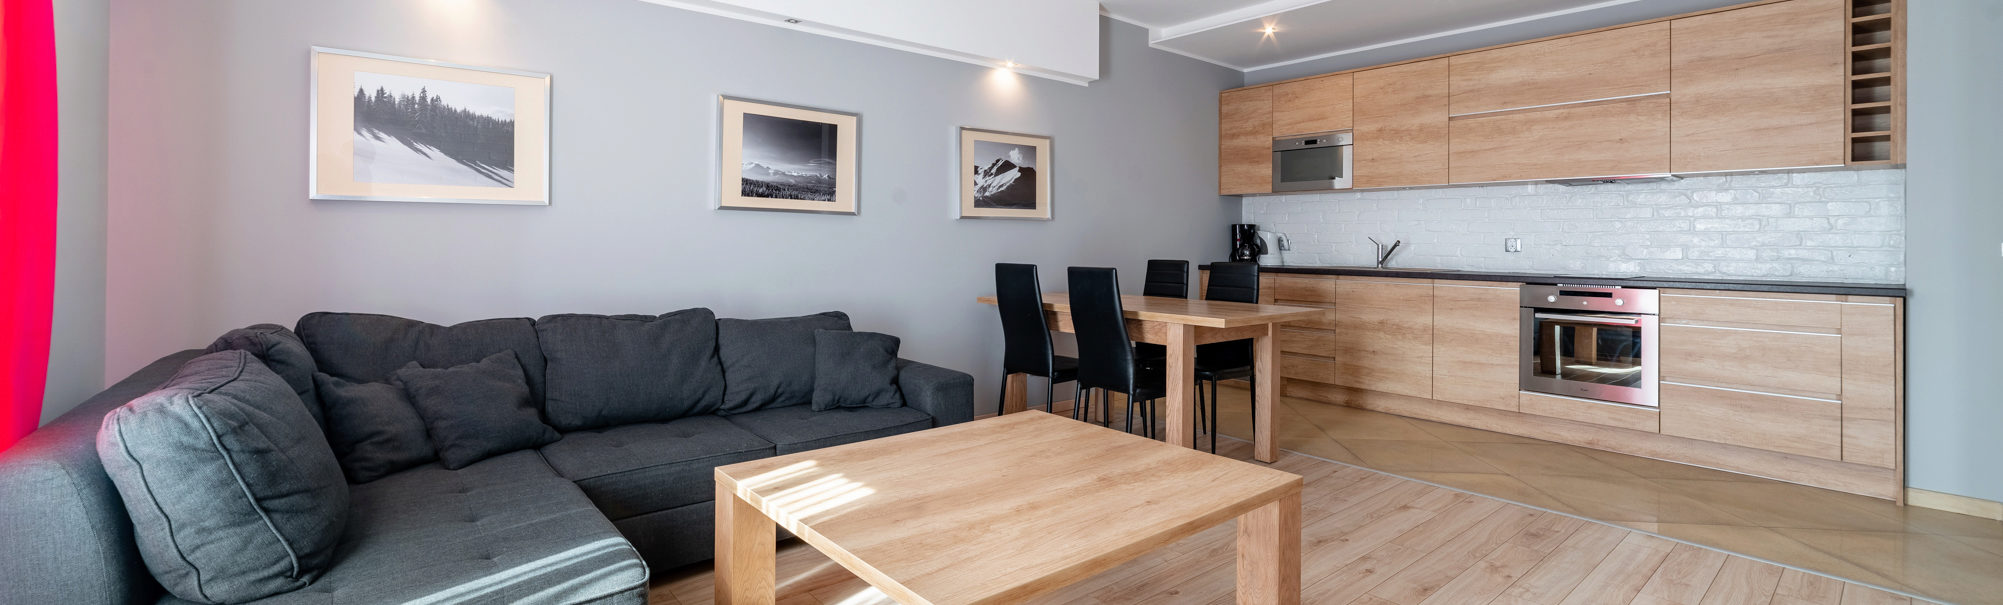 Apartamenty Sun&Snow Apartament 113 z widokiem na góry Szklarska Poręba